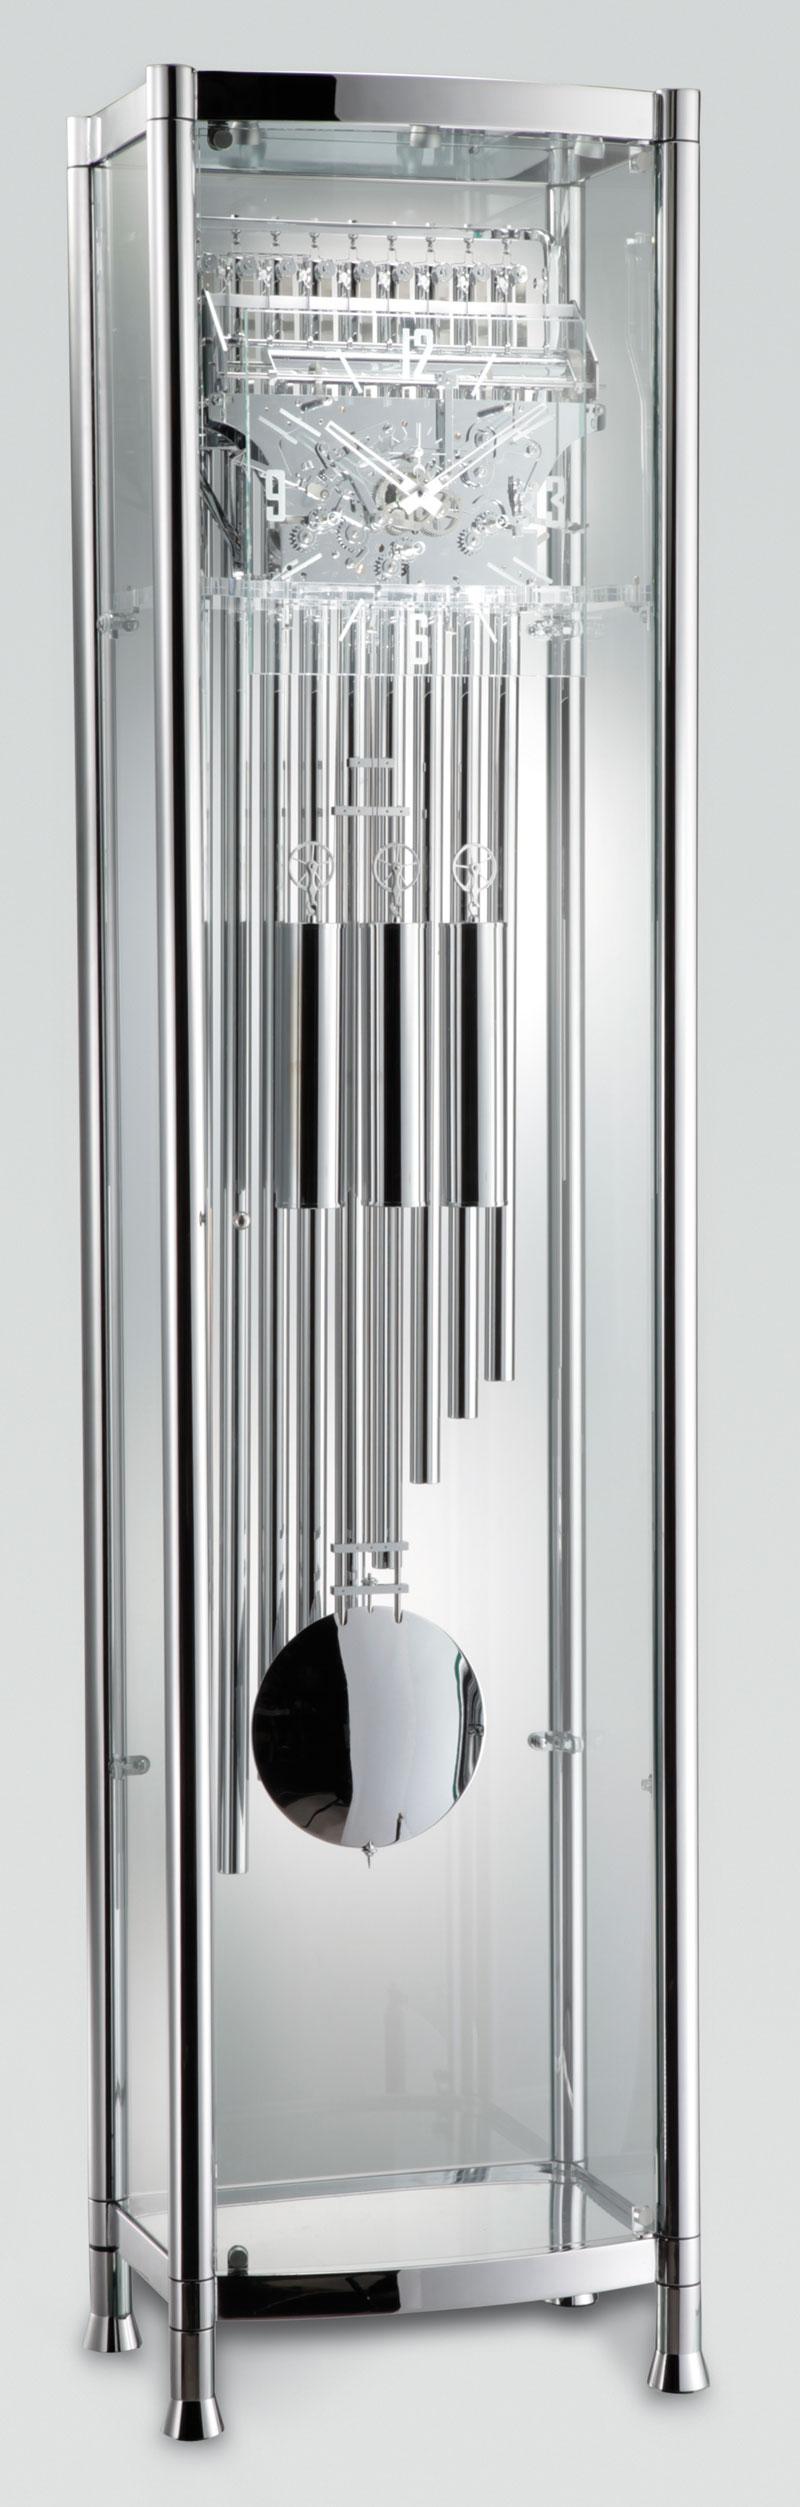 kieninger uhrenshop kieninger standuhr 0126 02 01. Black Bedroom Furniture Sets. Home Design Ideas